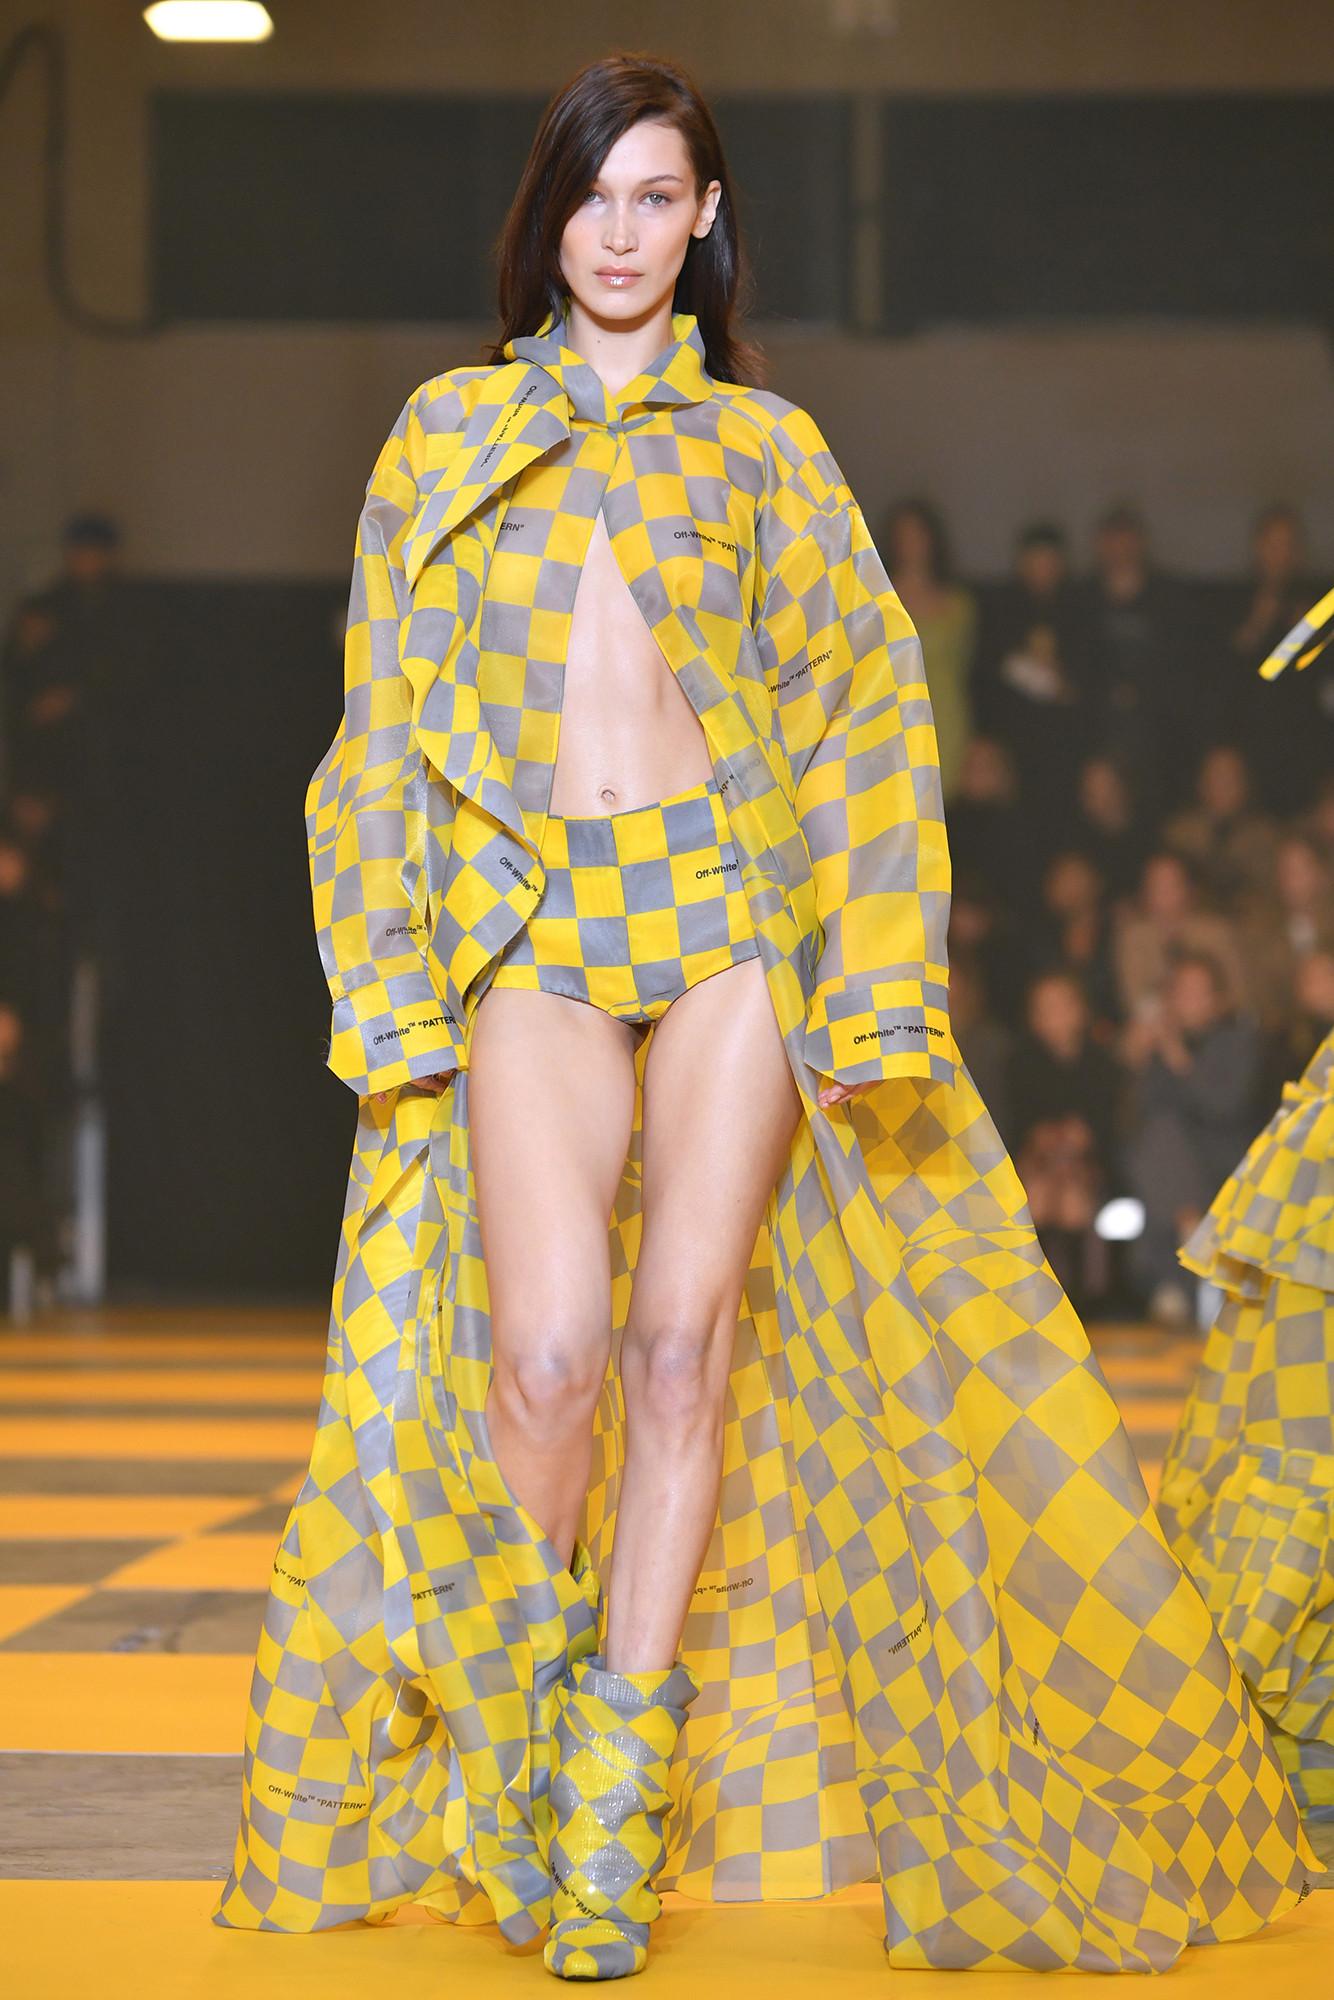 Quỳnh Anh Shin, Yến Trang mặc bikini bé tí xíu đi bốt: Sự nổi loạn vượt khuôn khổ - 3